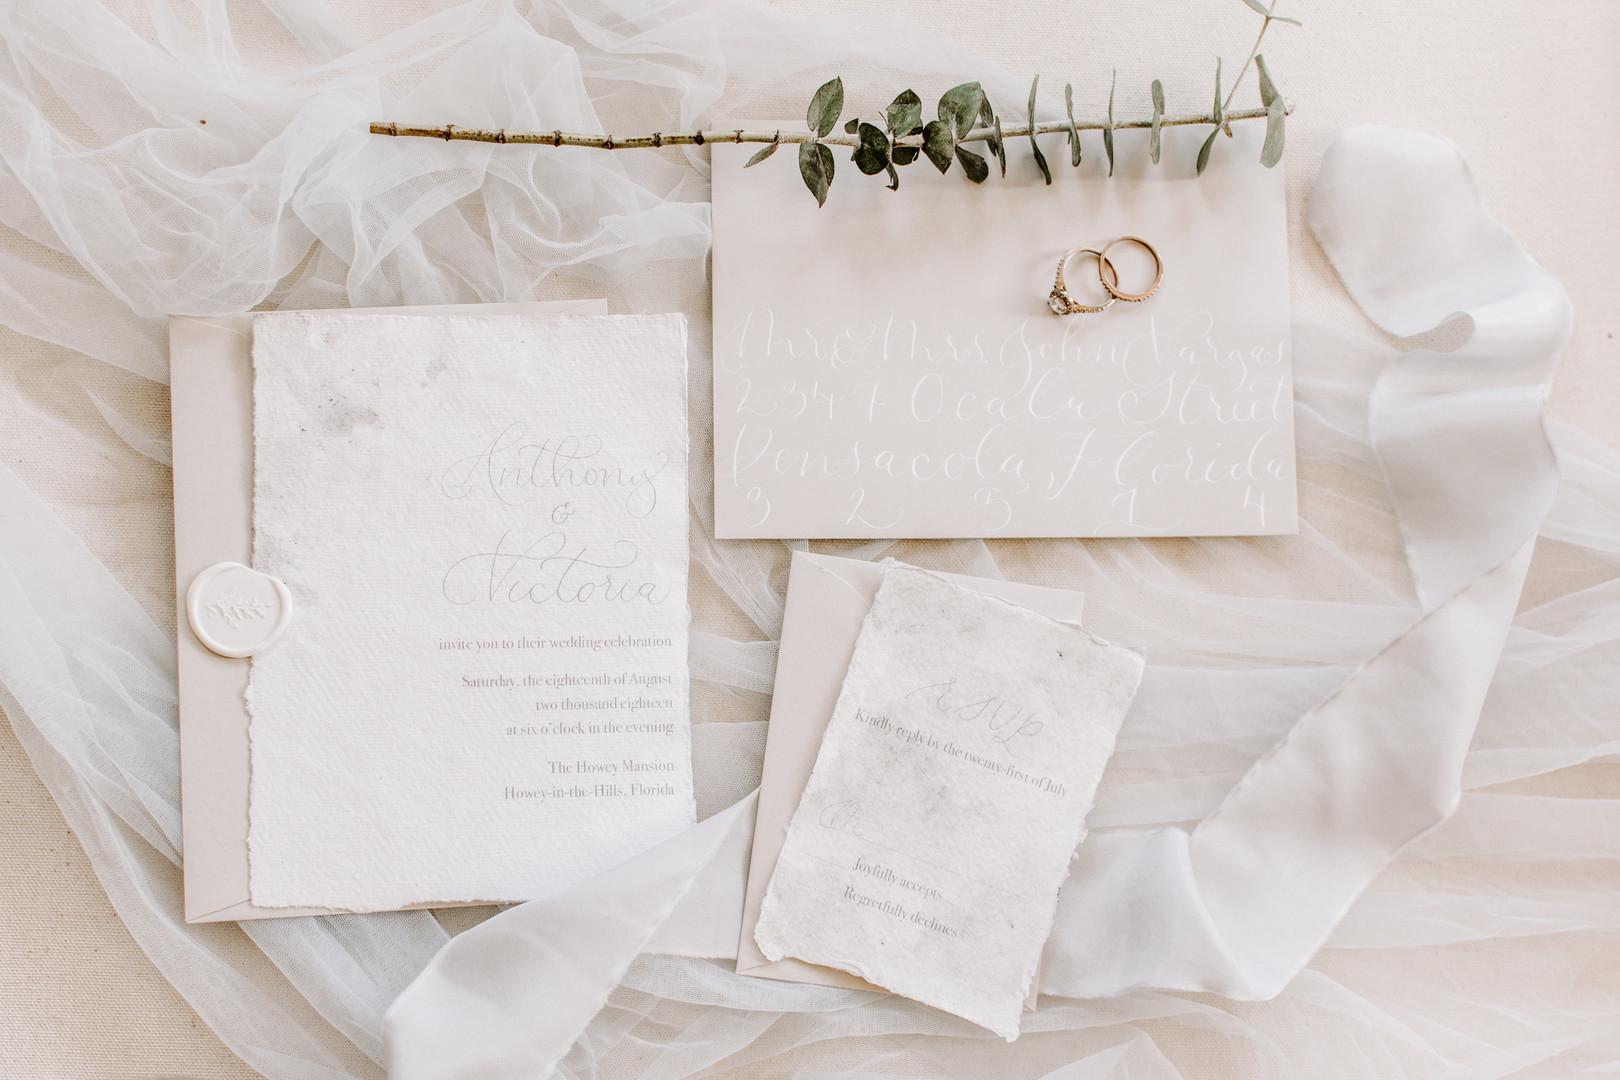 bröllopsblogg+inspiration+trycksaker